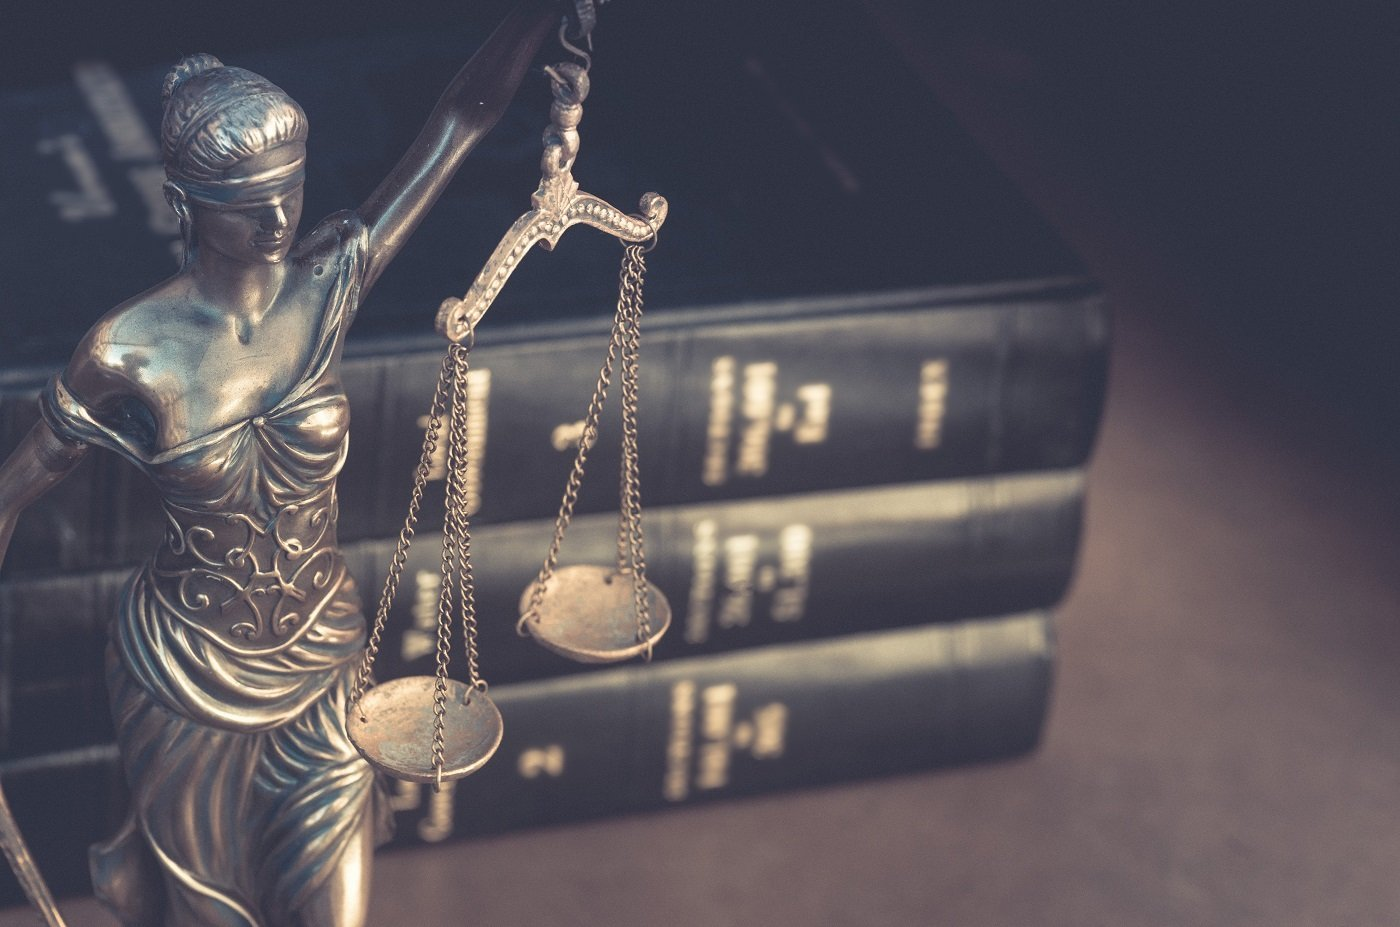 La rilevanza della posizione di garanzia ai fini della distinzione tra l'omissione di soccorso aggravata dall'evento morte e l'omicidio mediante omissione